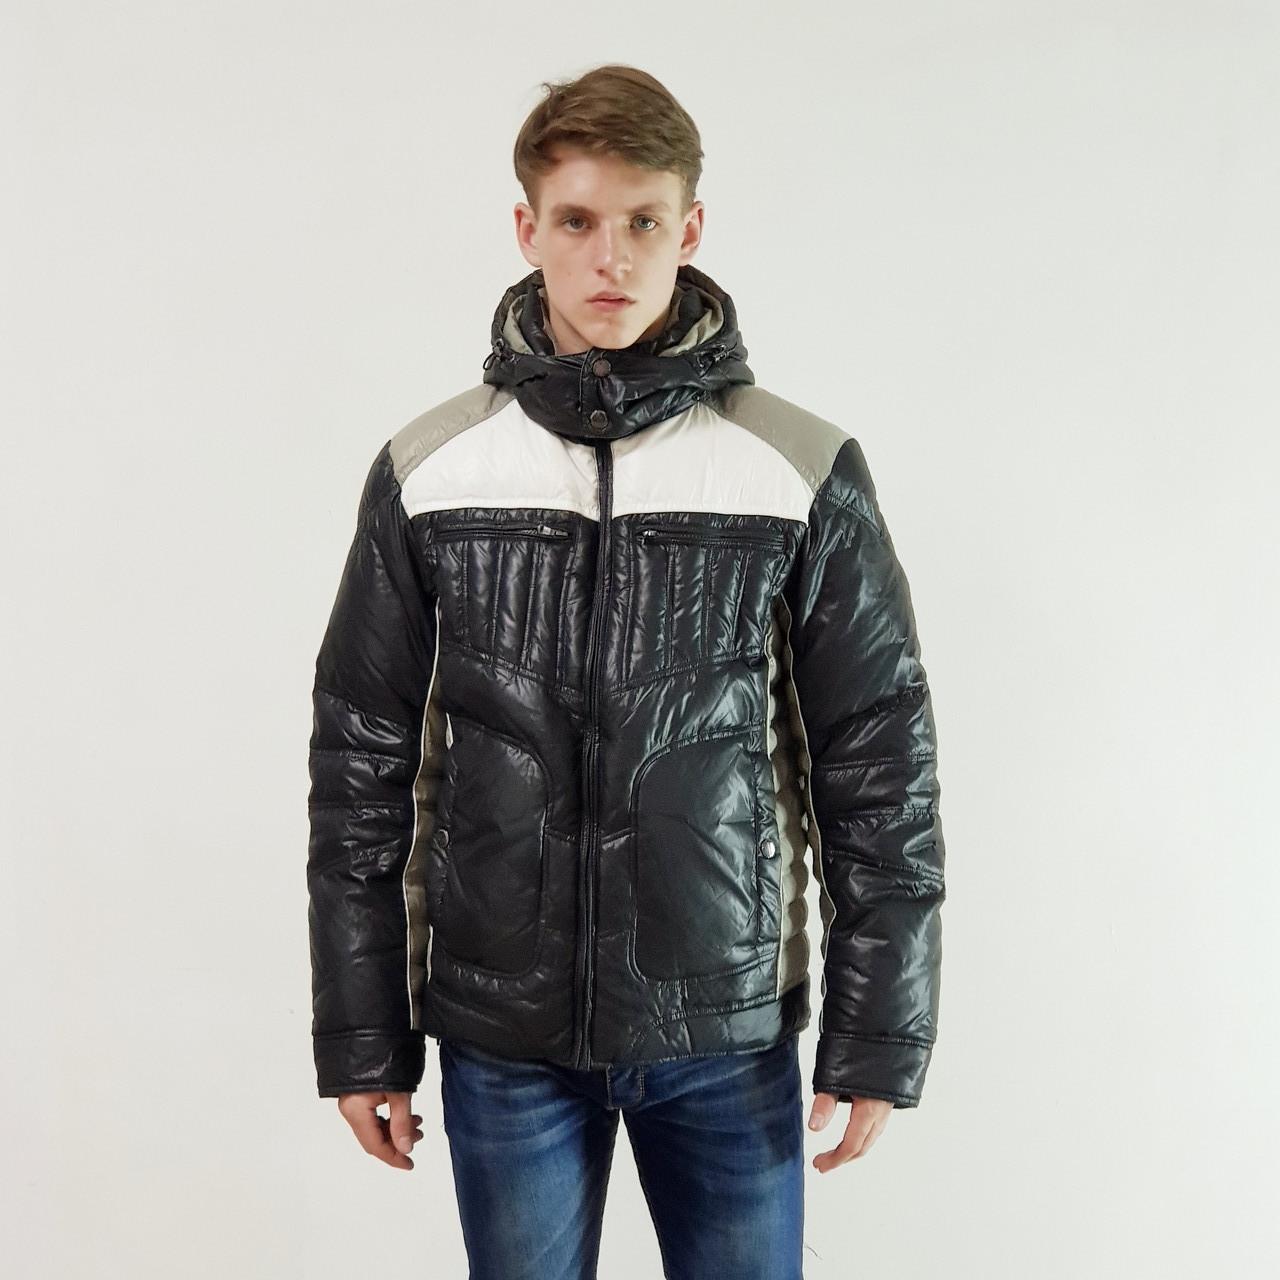 Зимний мужской пуховик Snowimage черный зимний на пуху с капюшоном, распродажа